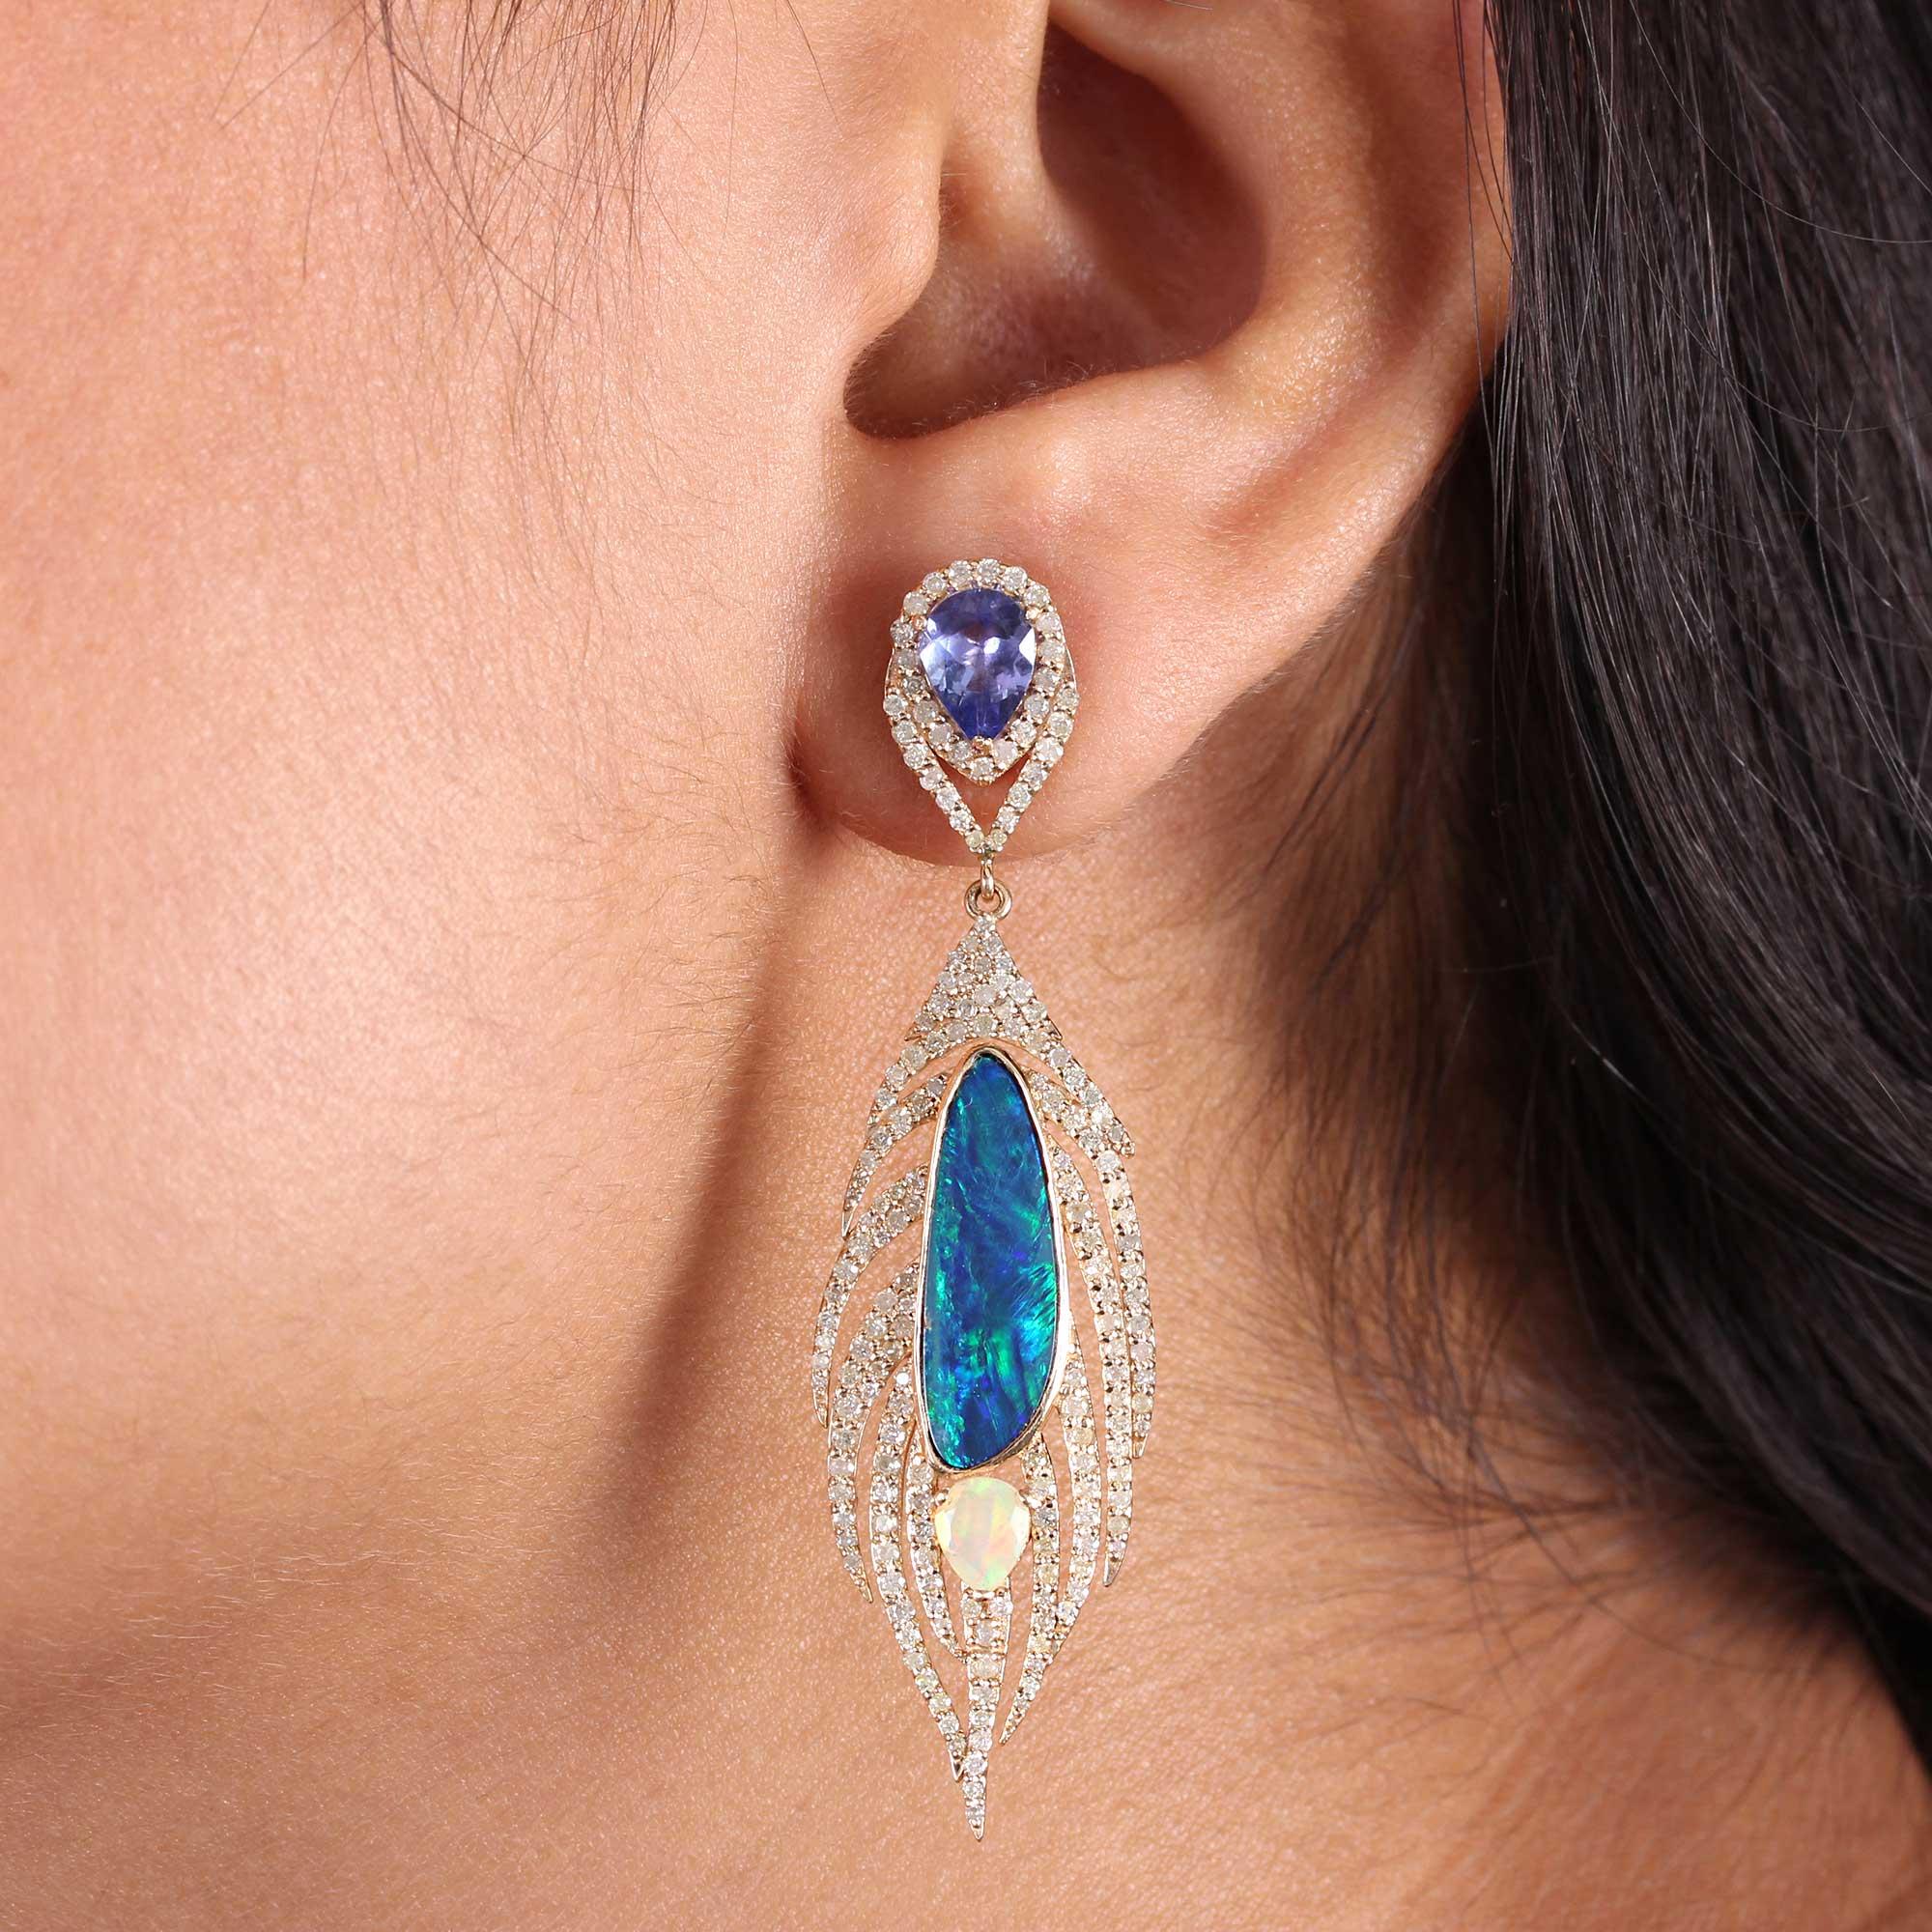 14k Solid Gold Opal Tanzanite Dangle Earrings Pave Diamond Fine Jewelry